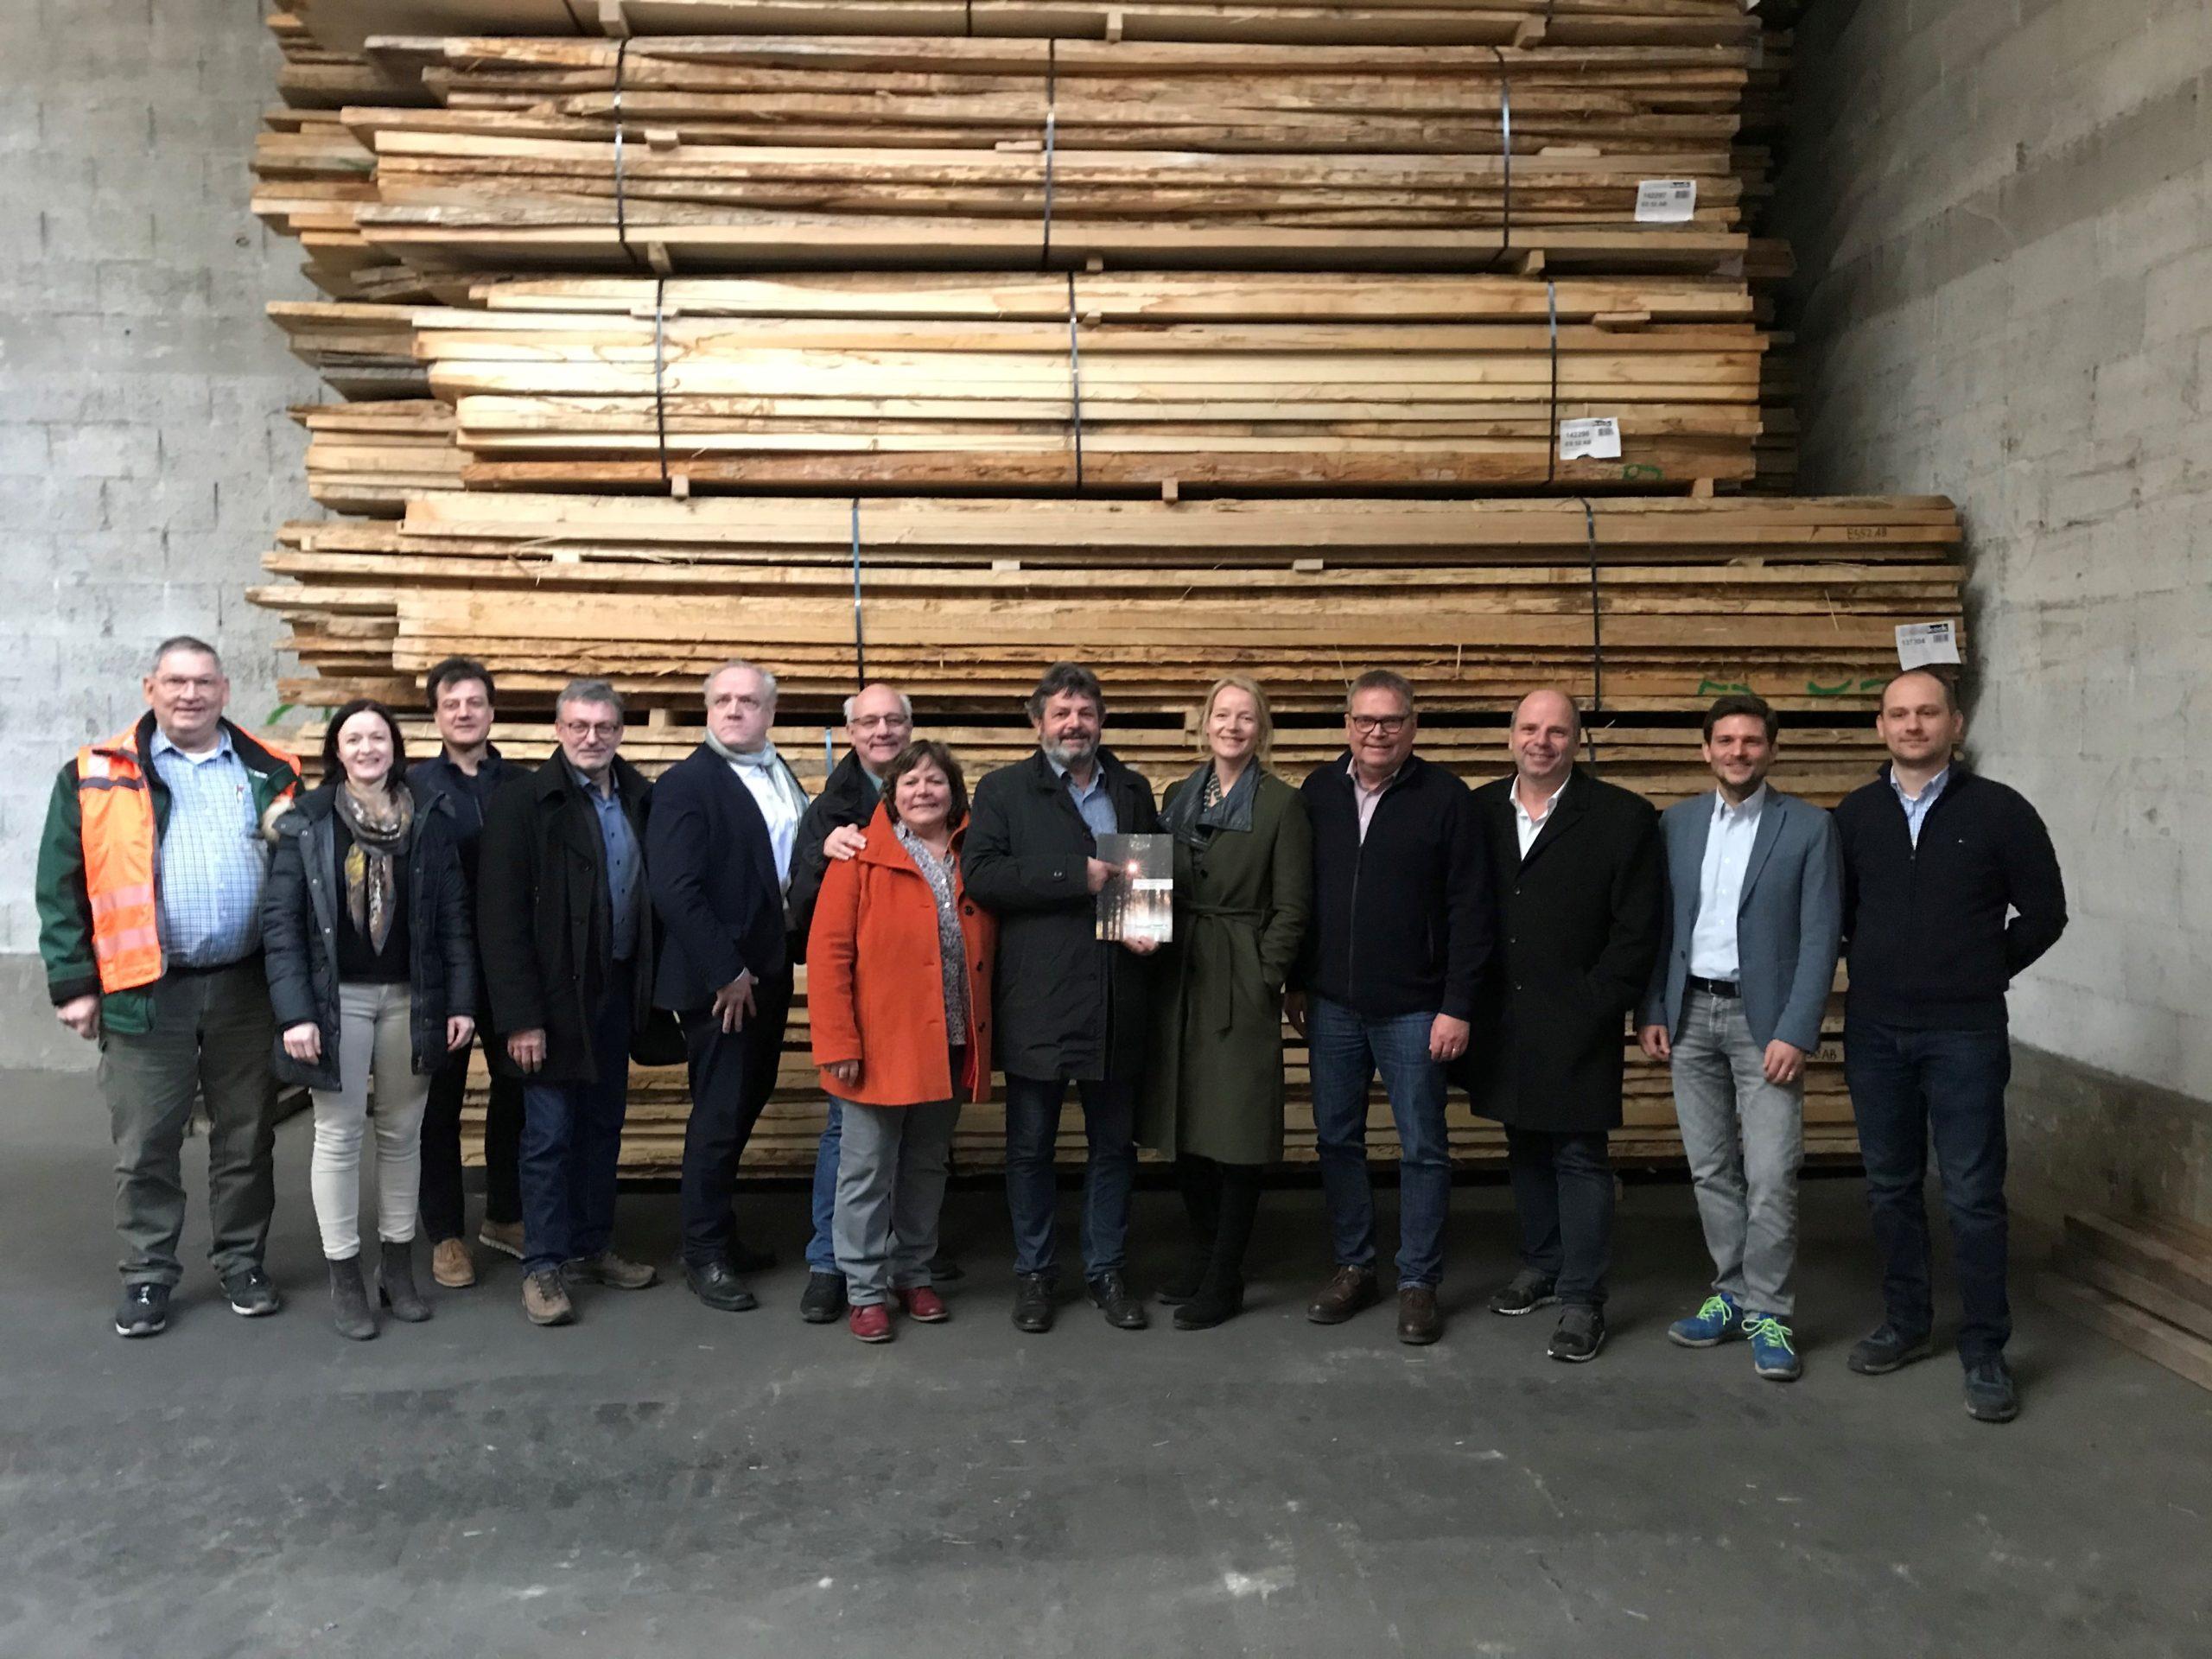 Besuch beim Holzwerk Keck in Ehningen